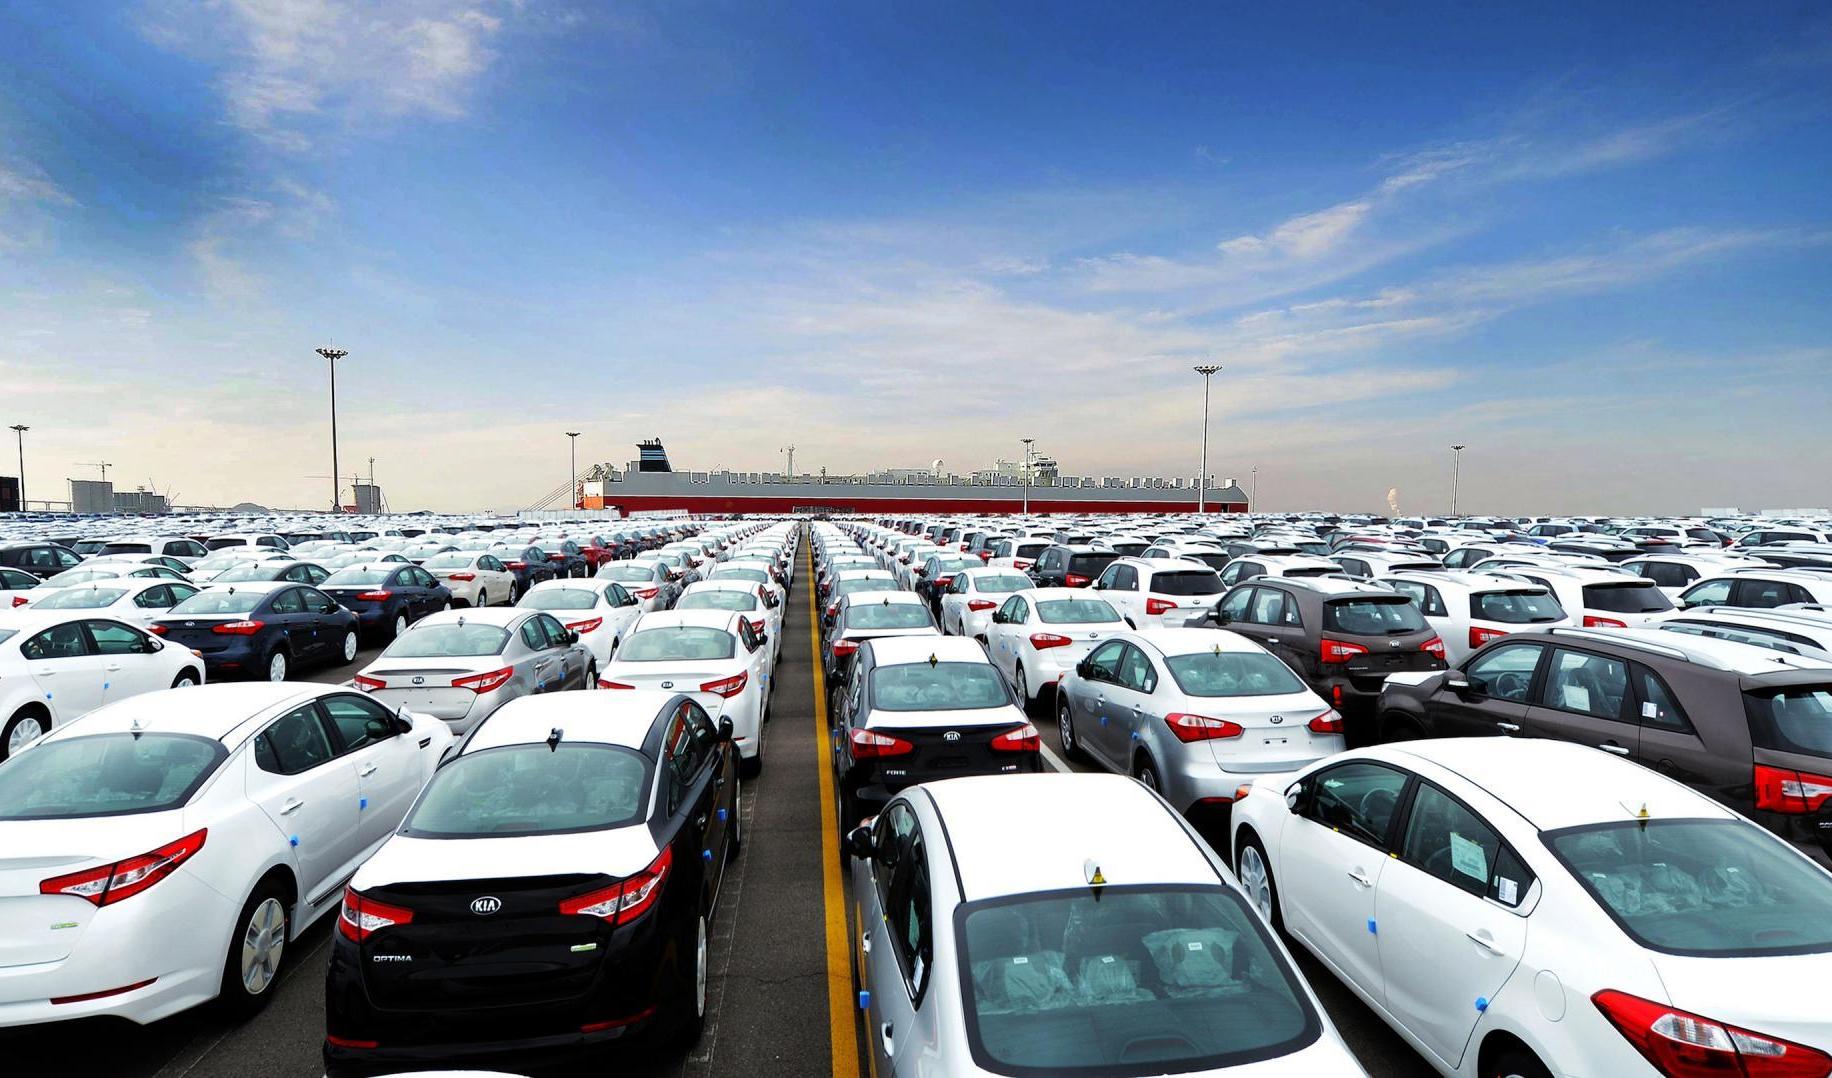 آخرین وضعیت خودروهای بلاتکلیف مانده در گمرکات اعلام شد